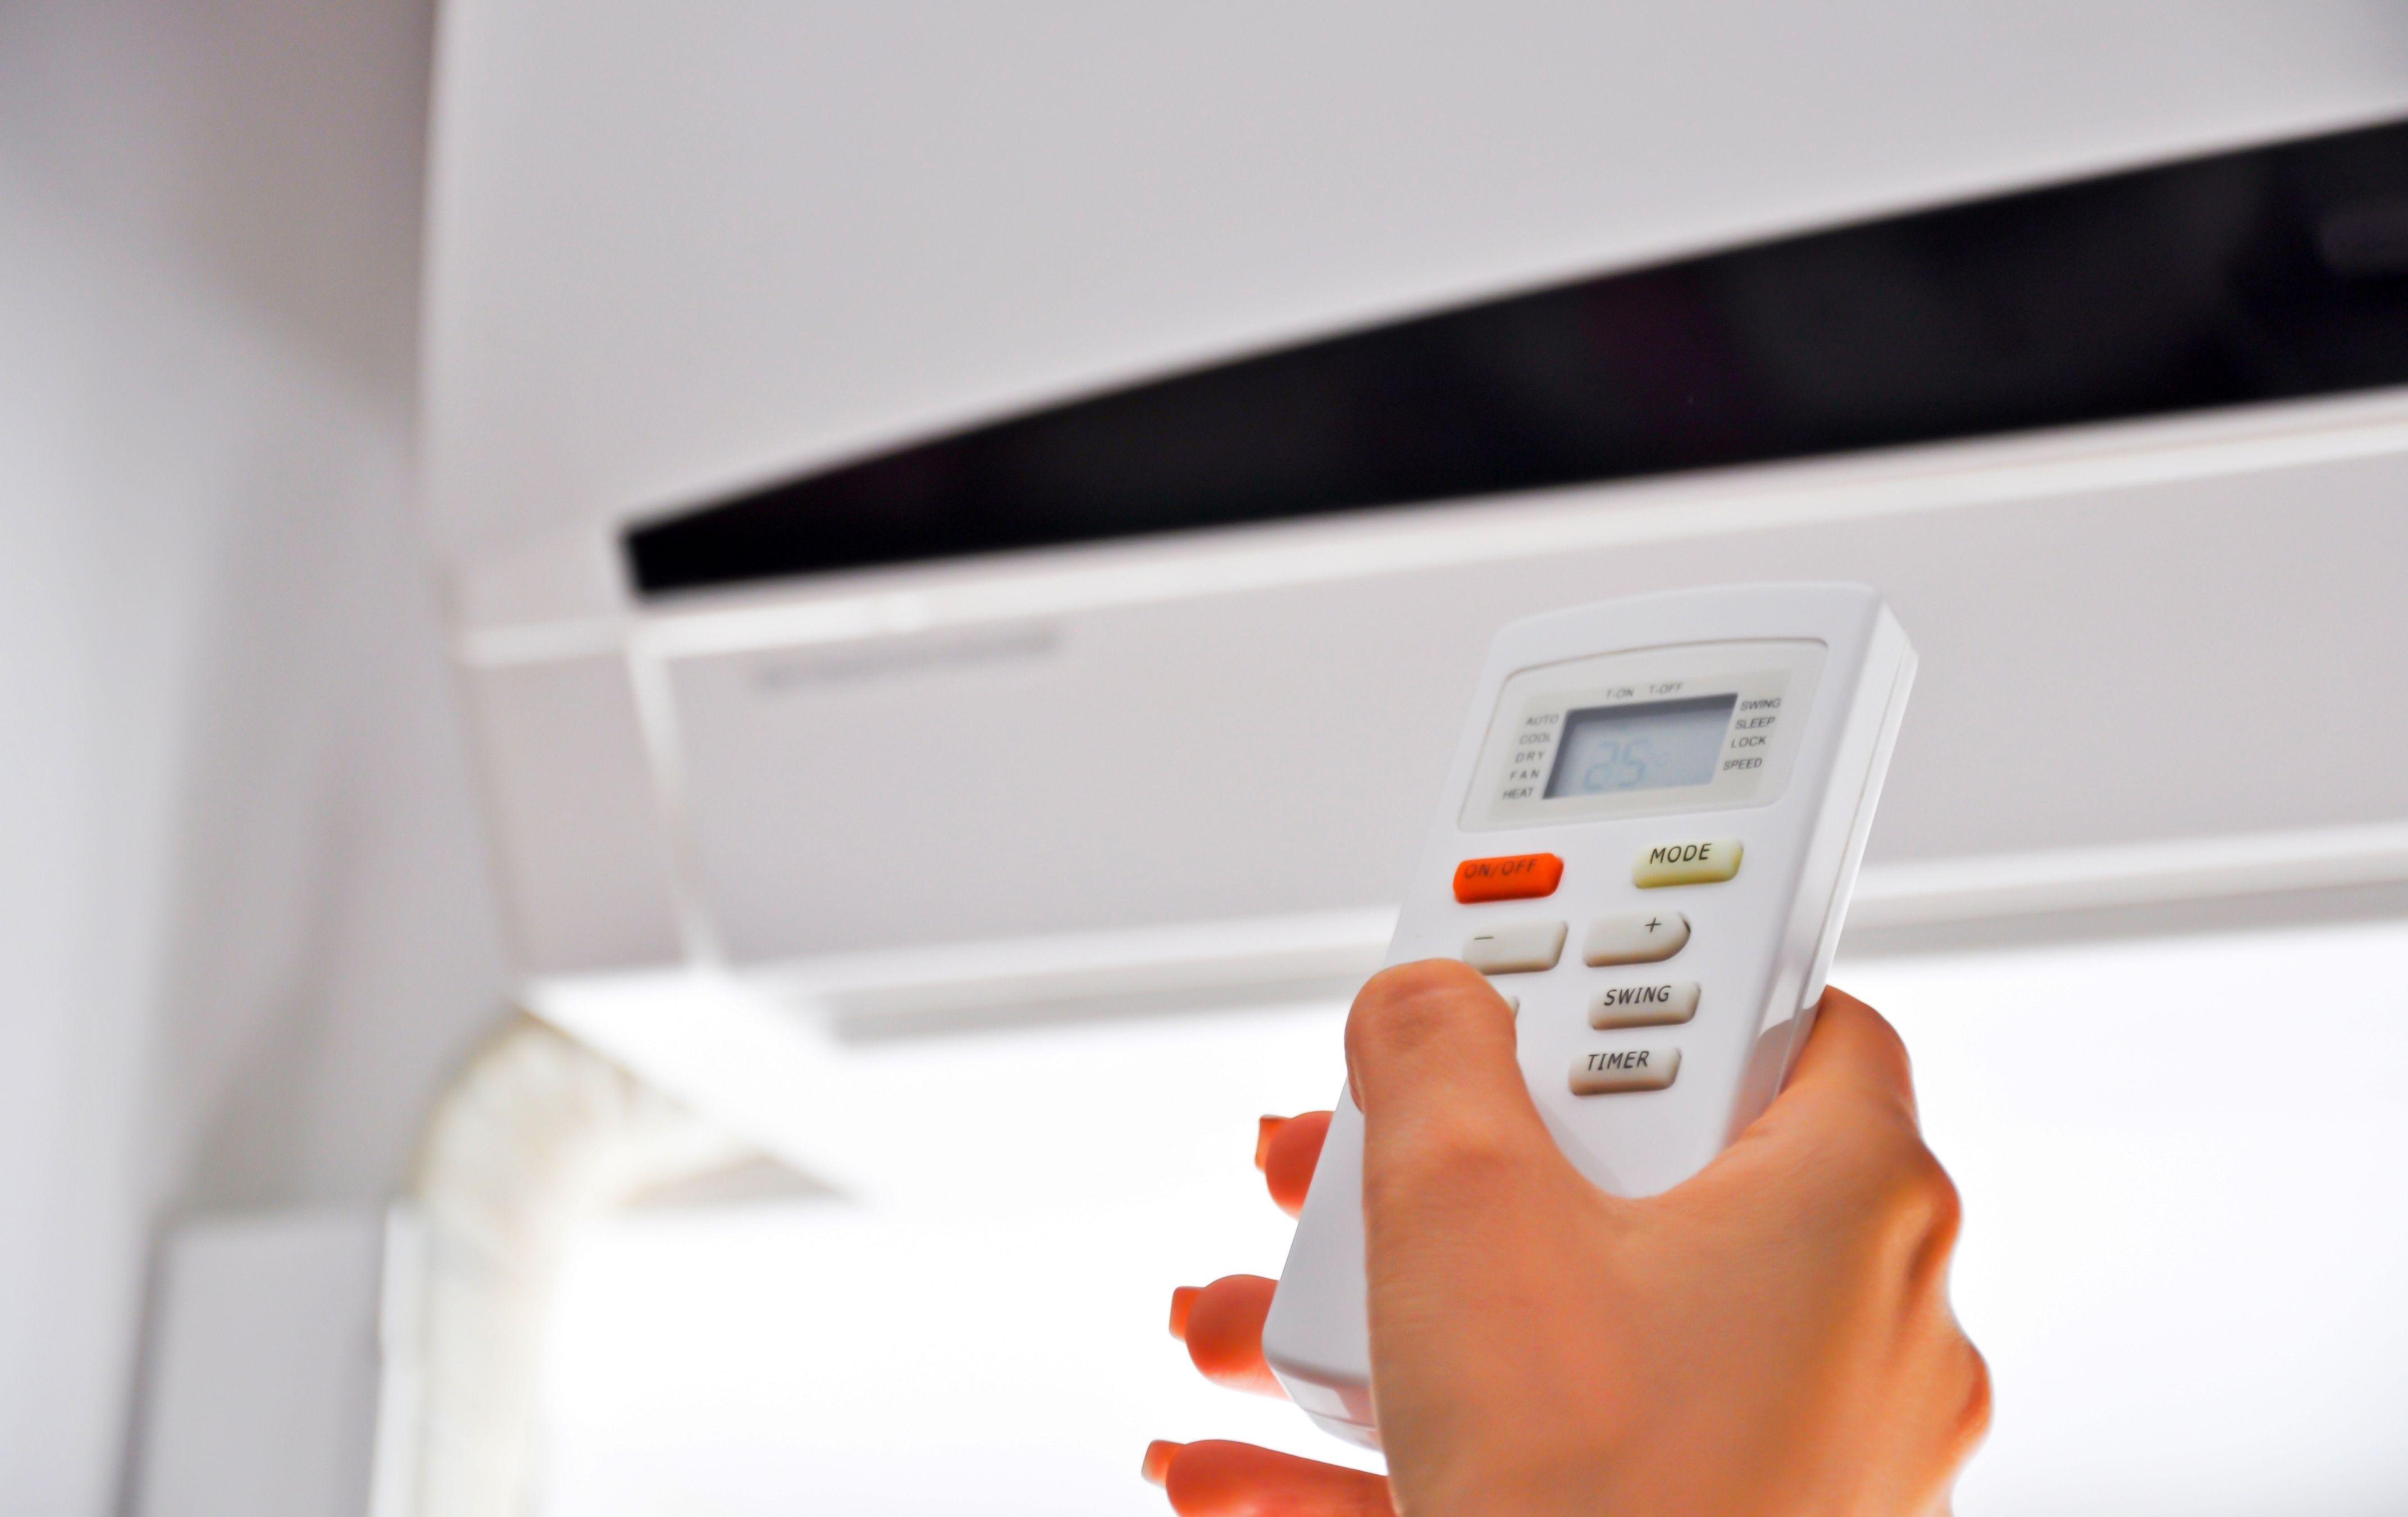 Ar-condicionado é usado para fugir do calor intenso / Divulgação